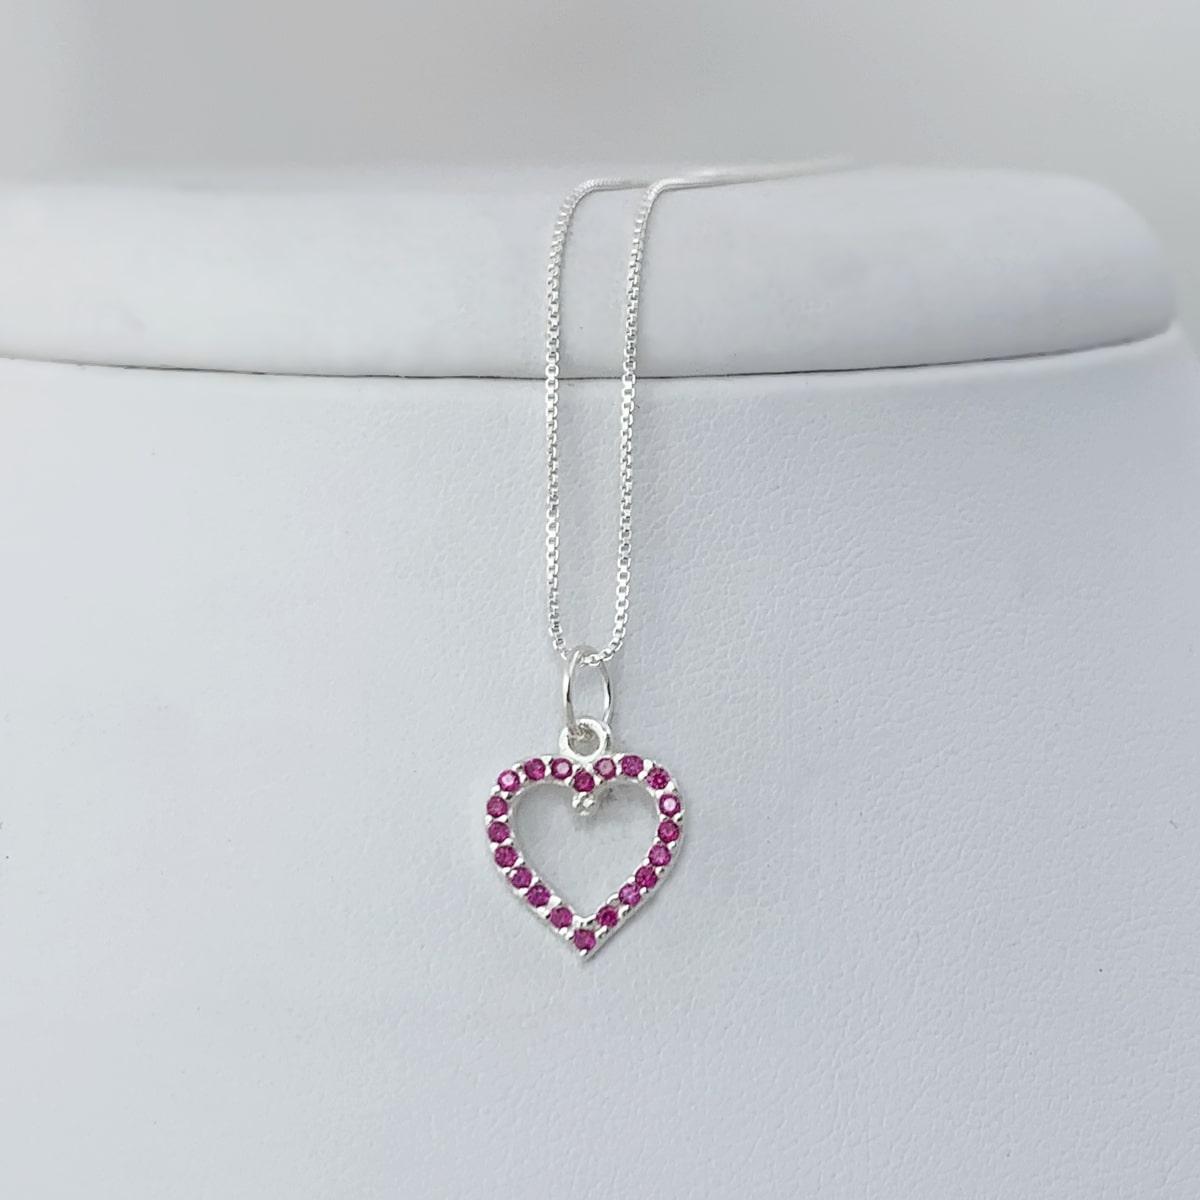 Colar Coração Rosa e Branco Prata 925